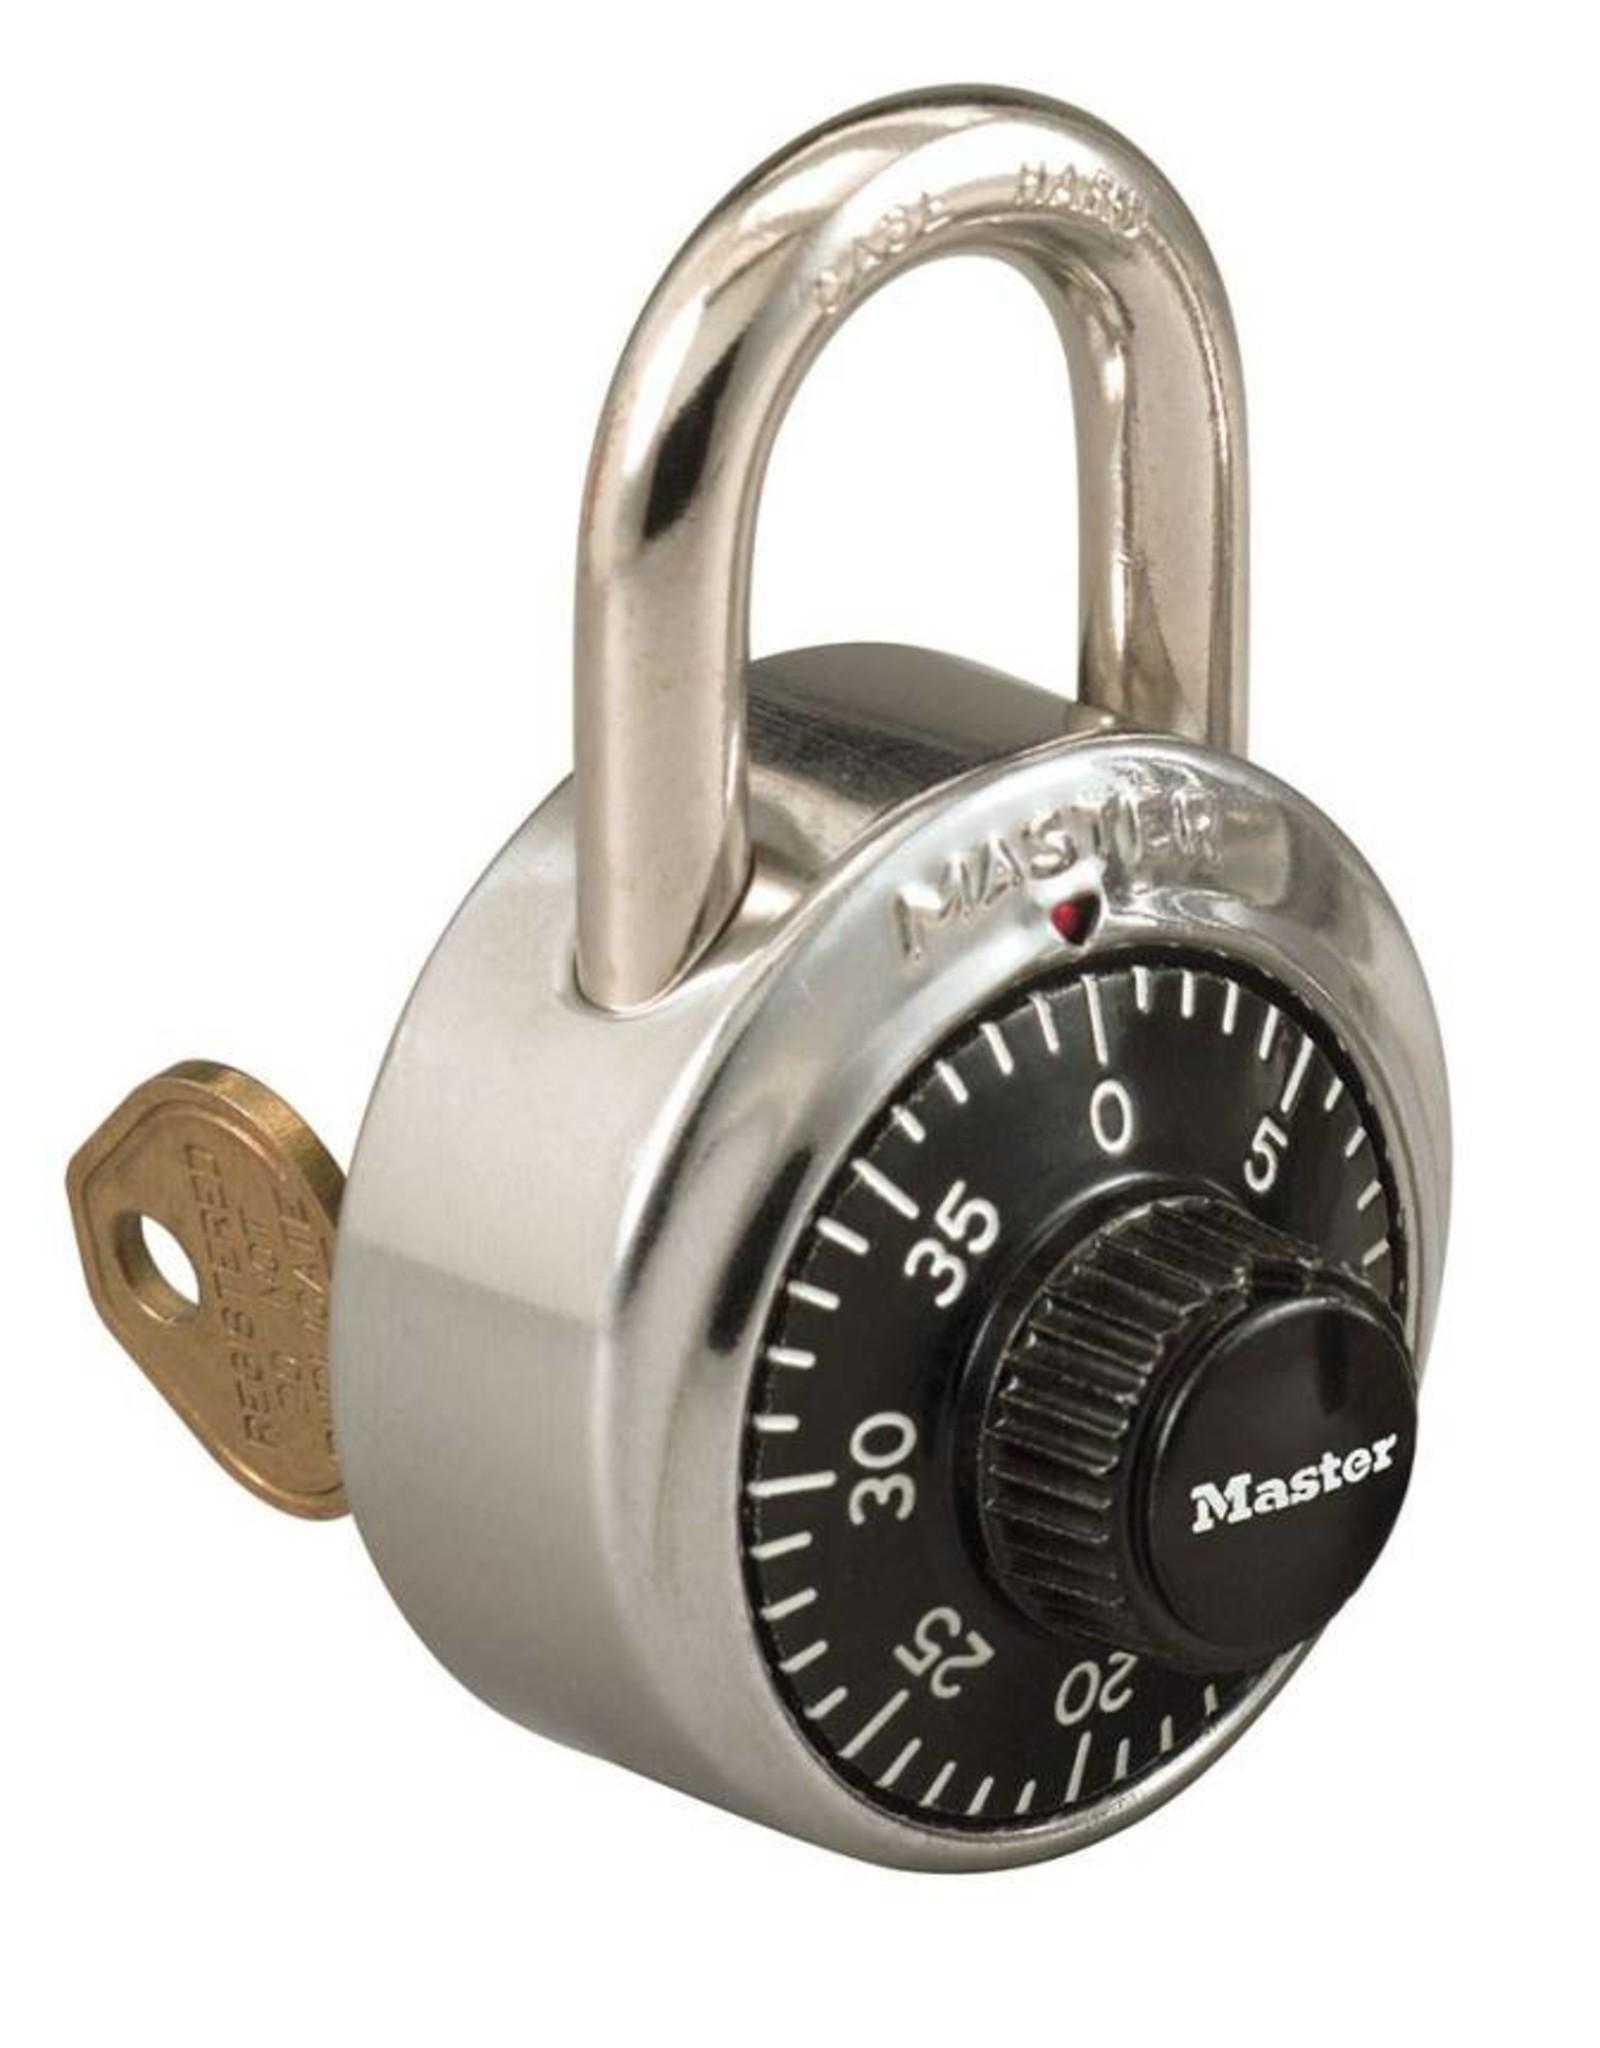 MasterLock Vorhängeschloss Zahlenschloss mit Hauptschlüssel - 10 St. + 1 Hauptschlüssel